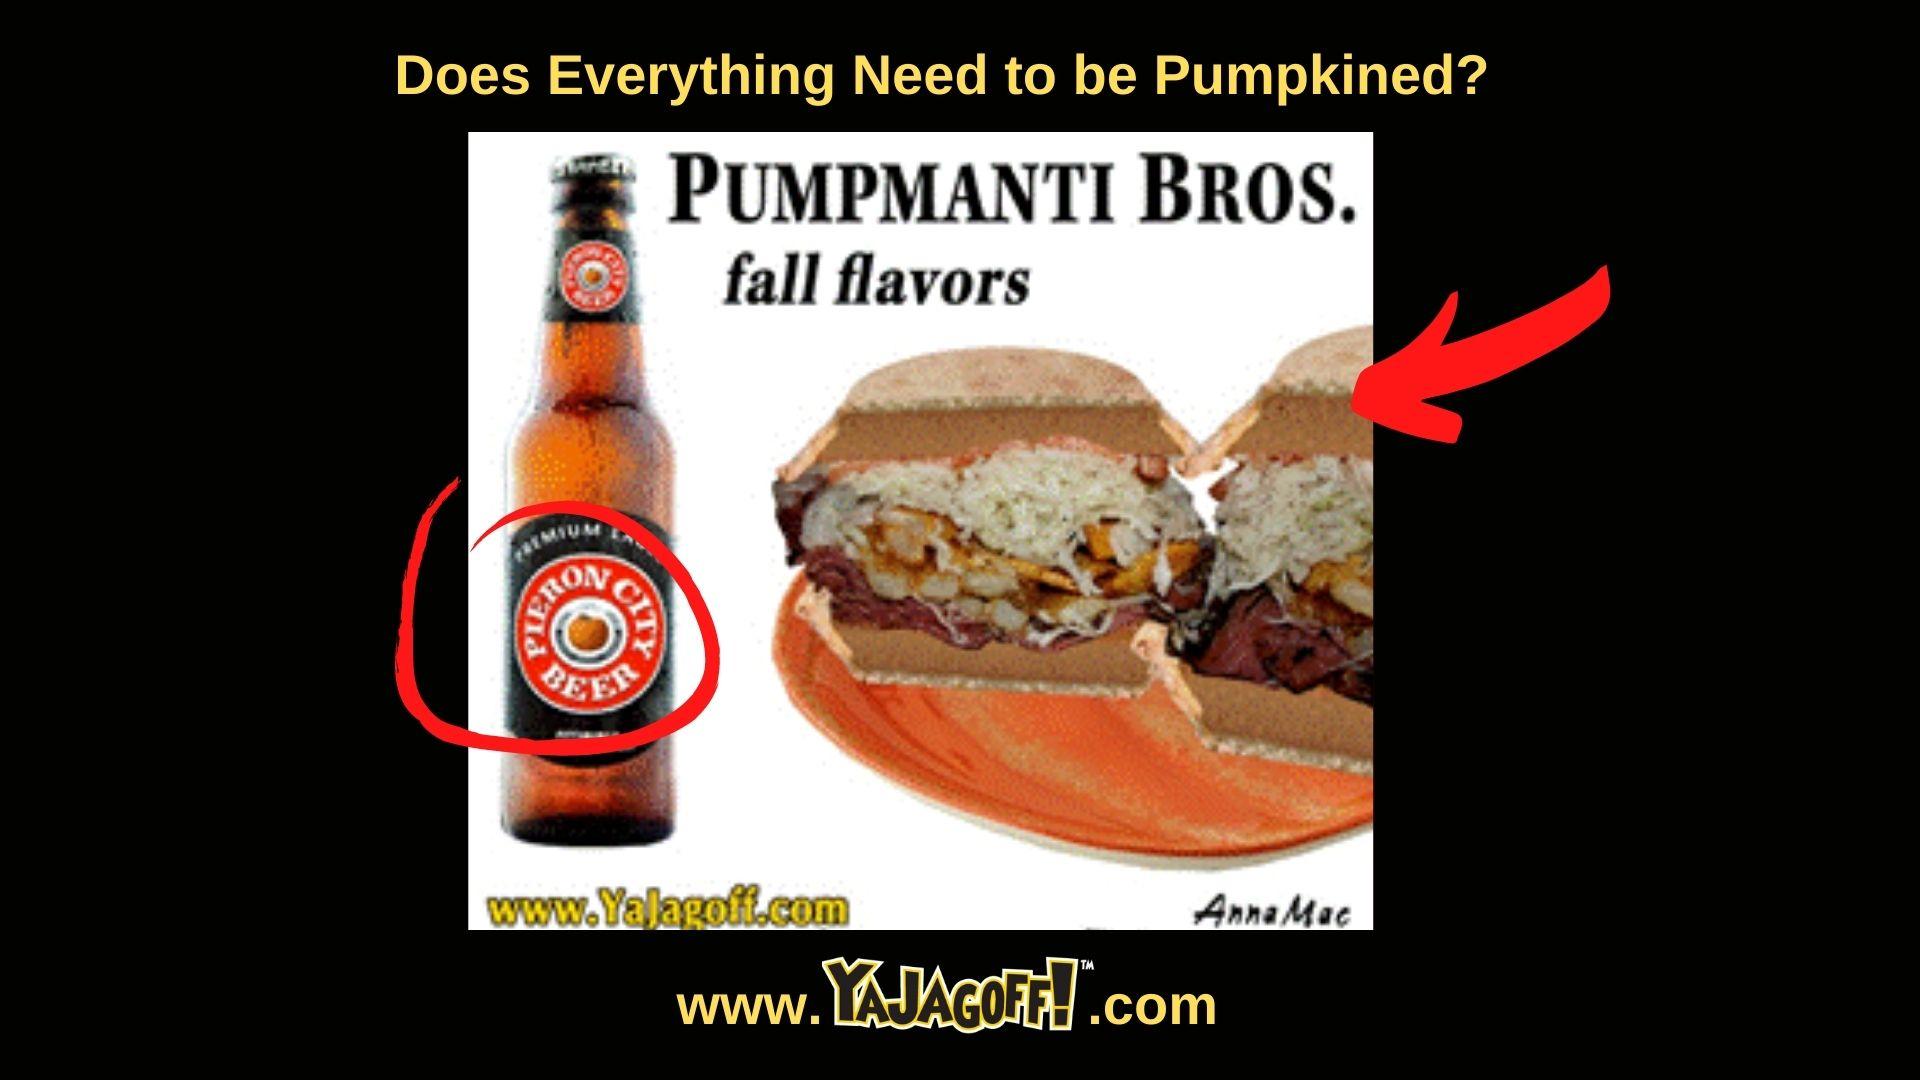 Primantis sandwich with pumpkin spice